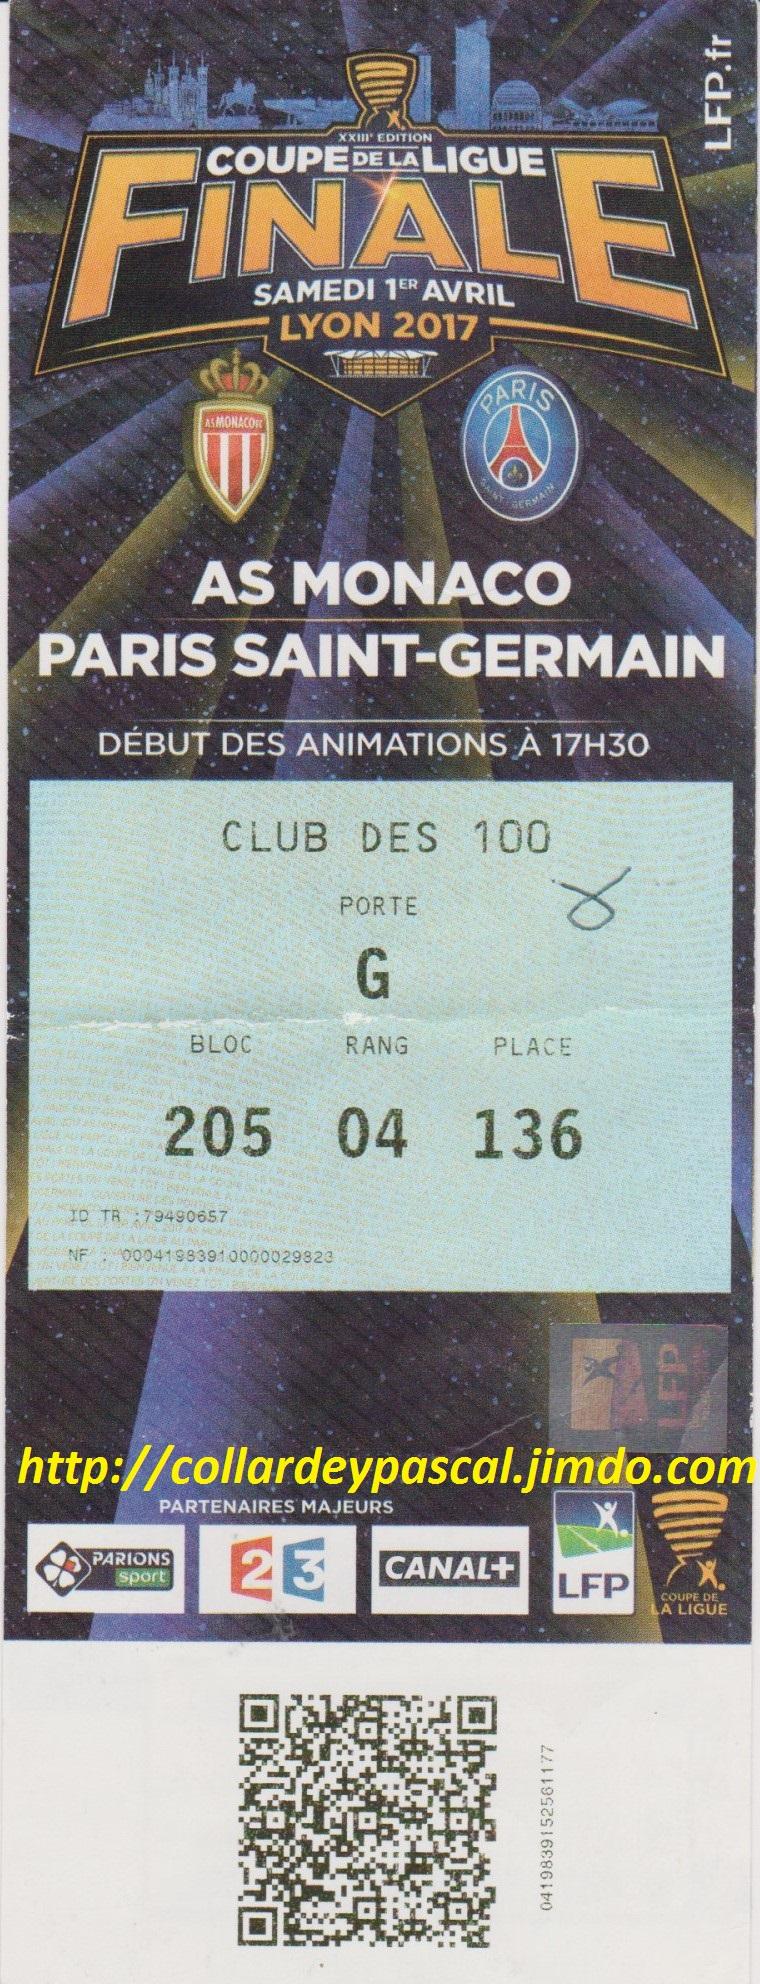 Finale 2017 Paris SG 4 - 1 AS Monaco (@ Lyon)